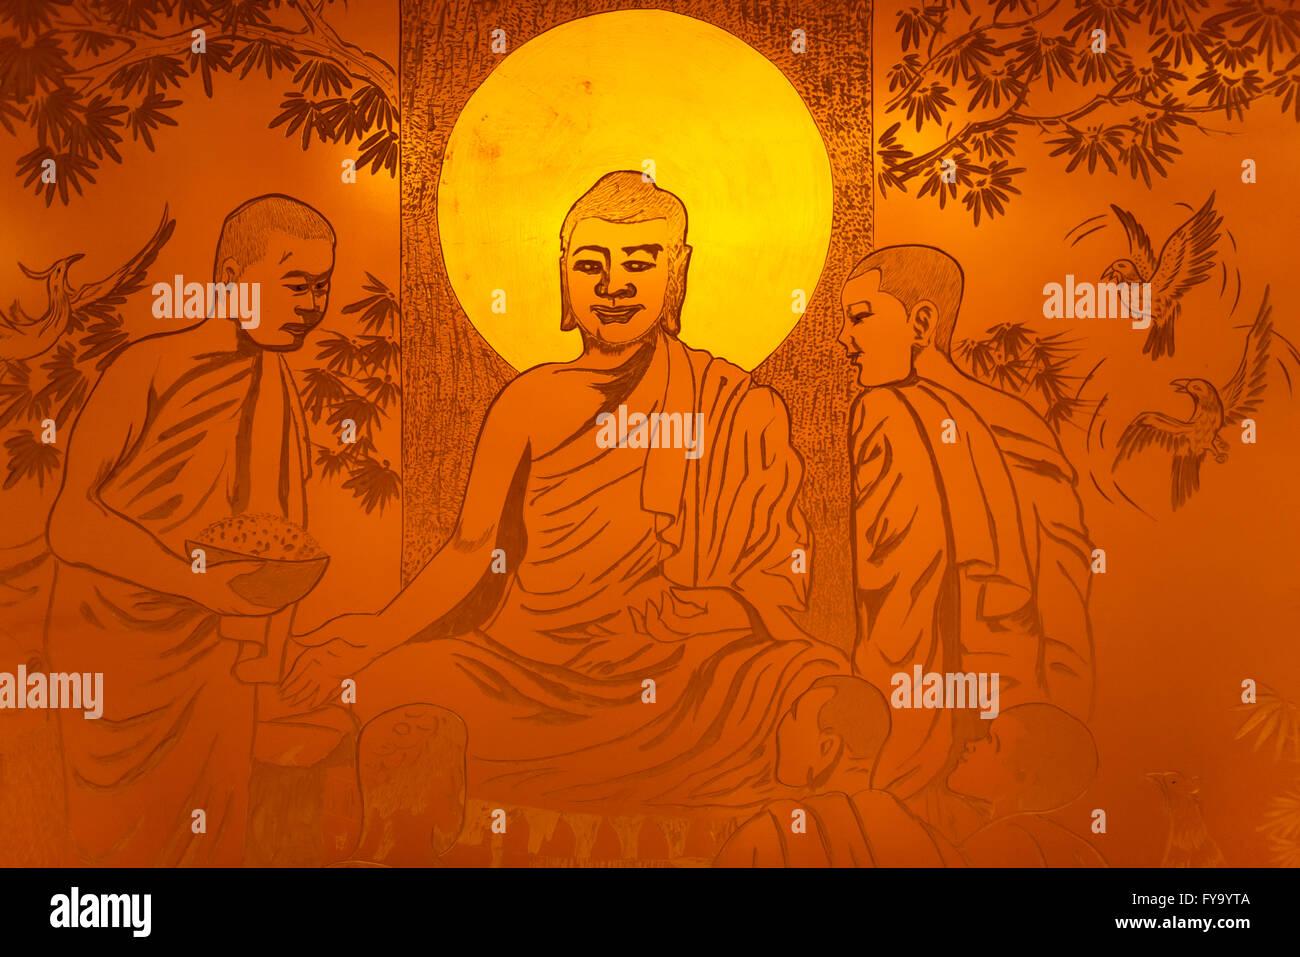 Kunstwerk, Buddha mit einem Heiligenschein, goldfarben, geschnitzt in Metall, Zhengzhou, Henan Provinz, China Stockbild